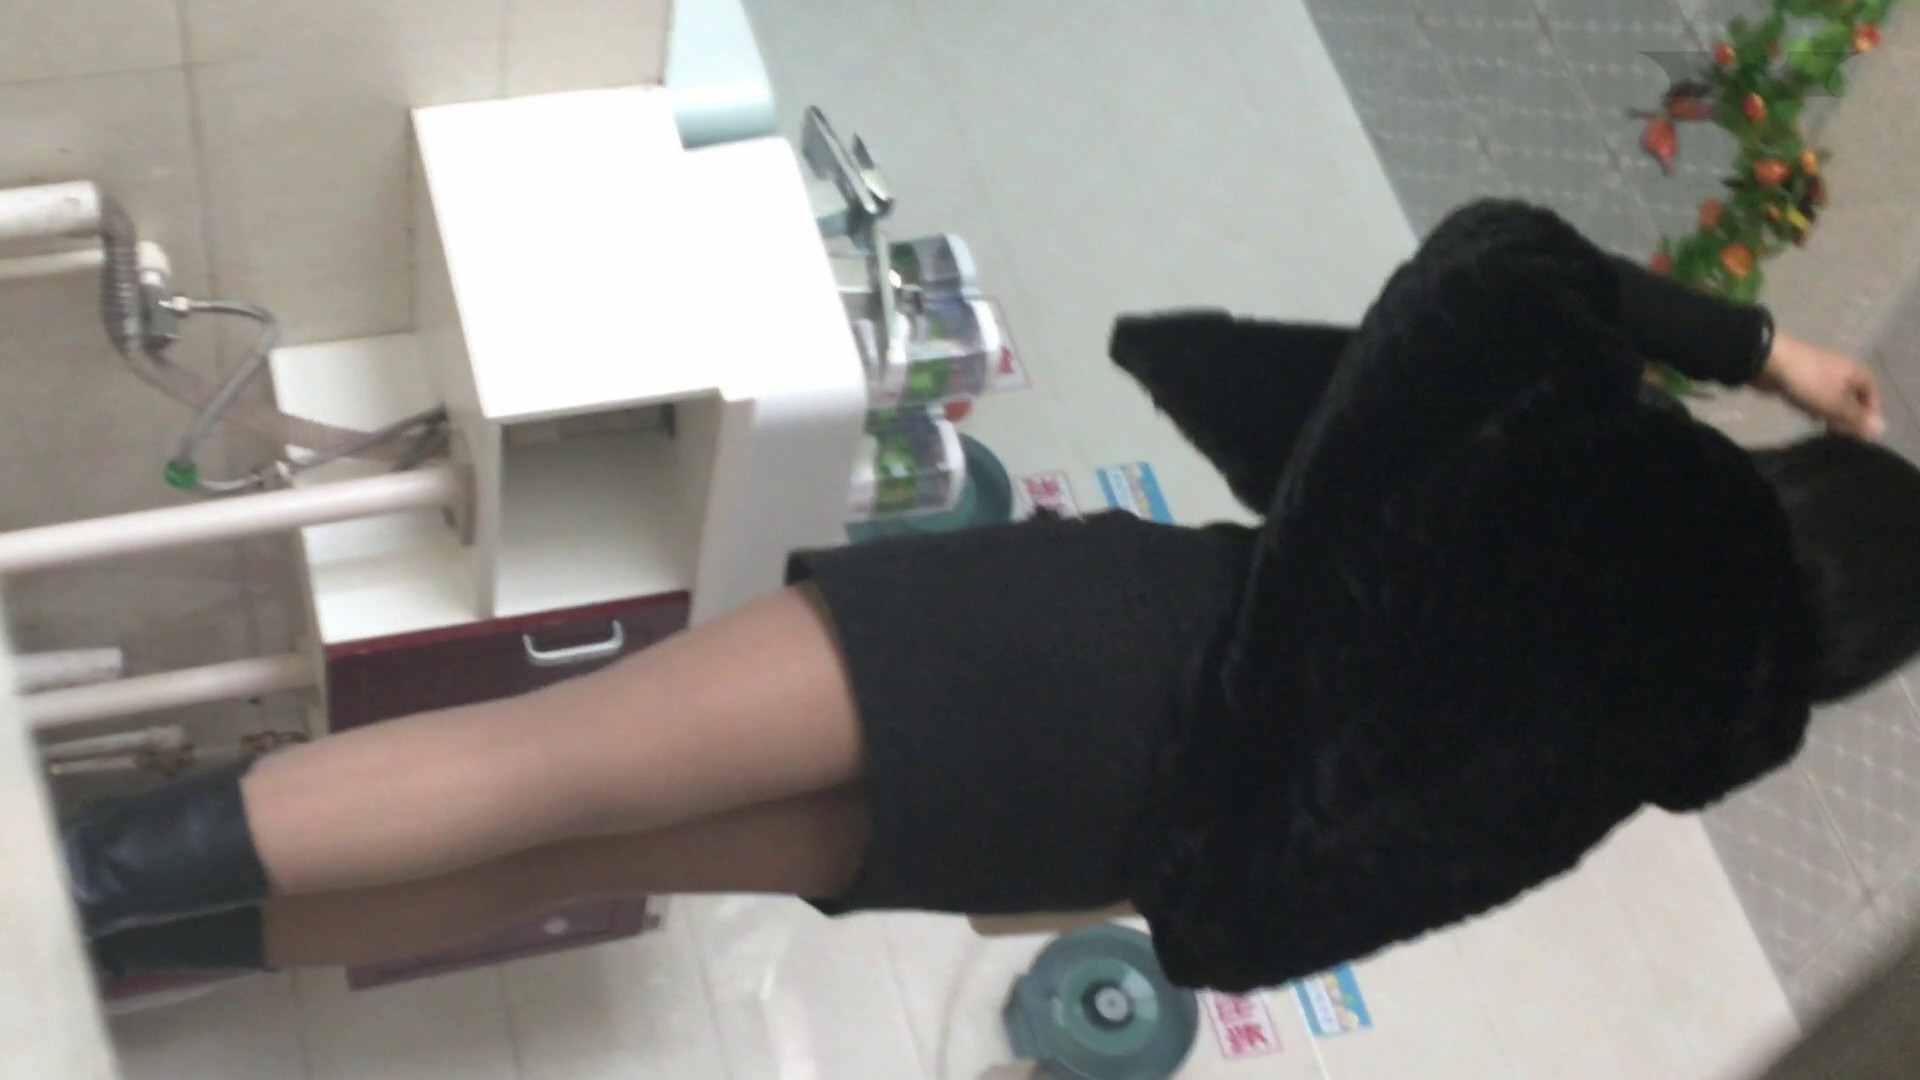 芸術大学ガチ潜入盗撮 JD盗撮 美女の洗面所の秘密 Vol.107 トイレ中の女子達  83連発 18